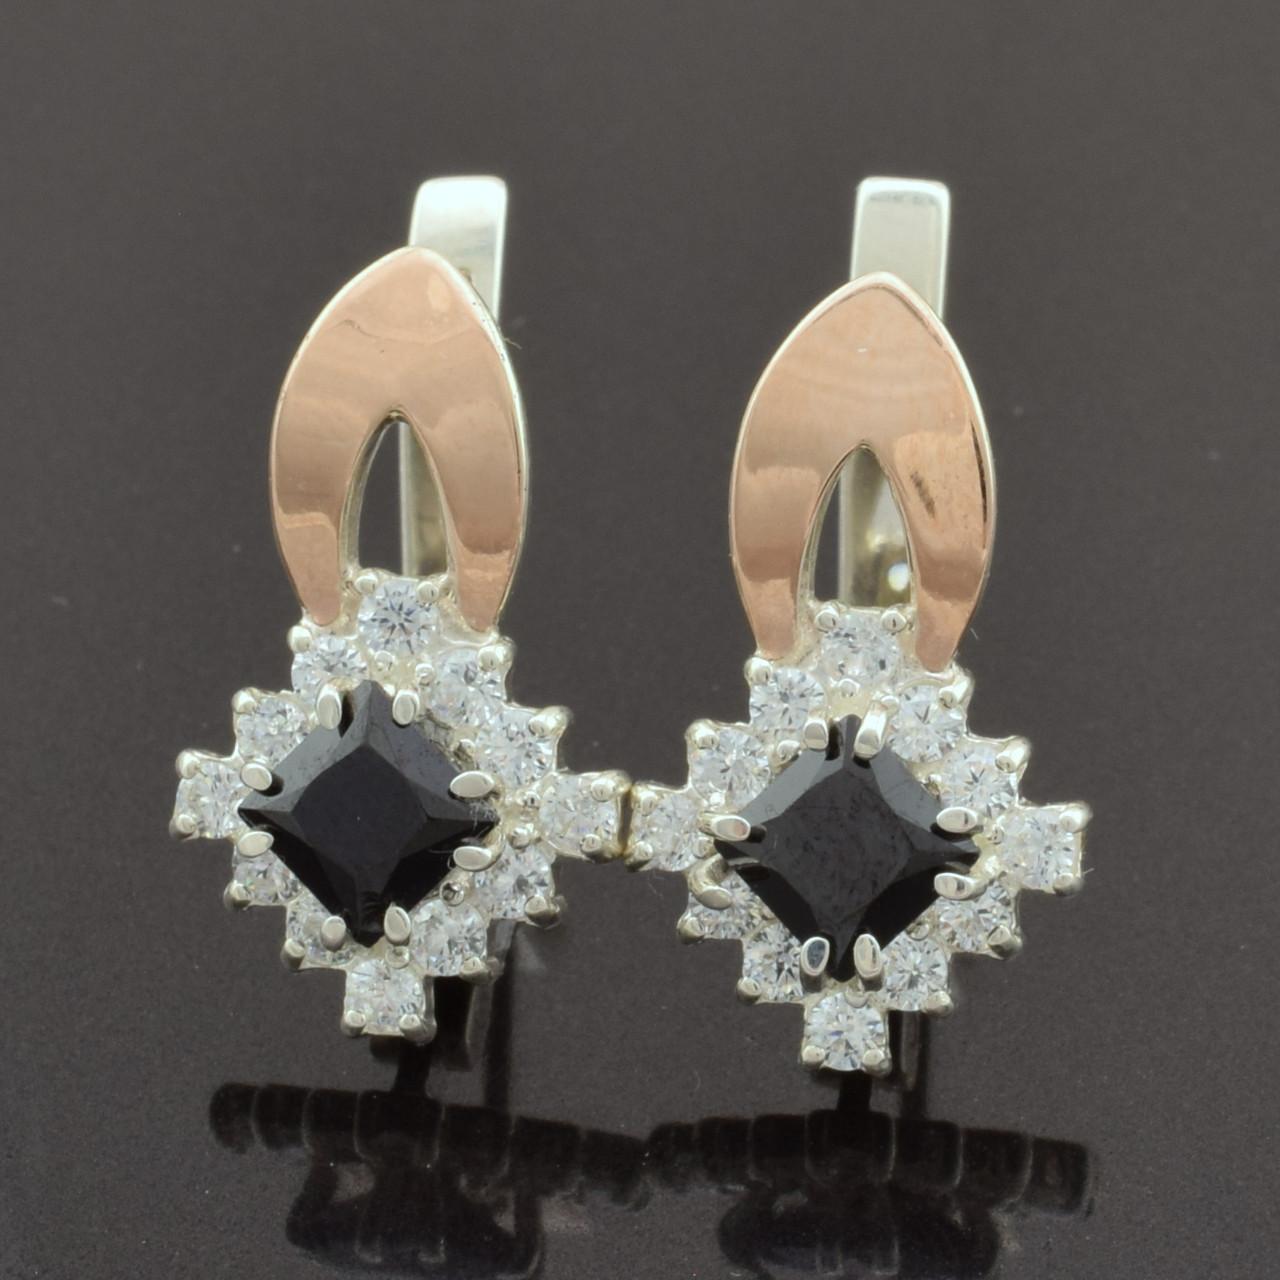 Серебряные серьги с золотыми пластинами 212-c, размер 20*12 мм, вставка чёрные фианиты, вес 4.51 г